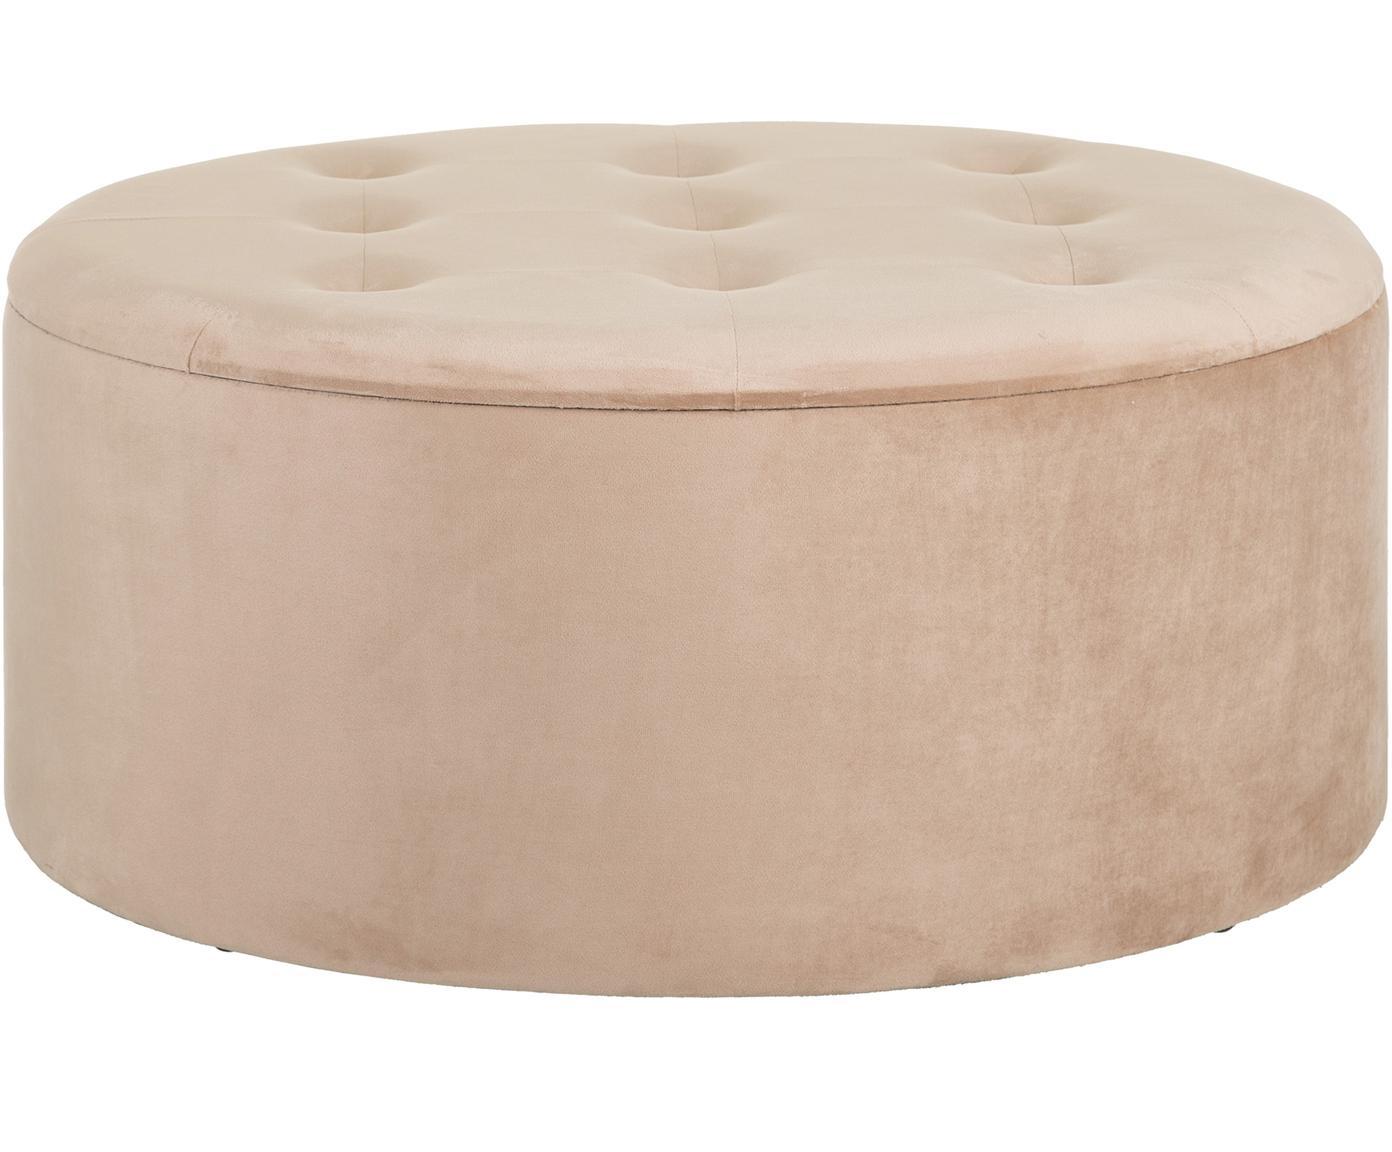 Puf z aksamitu z miejscem do przechowywania Bina, Tapicerka: poliester (aksamit), Korpus: drewno naturalne, Beżowy, Ø 90 x W 40 cm